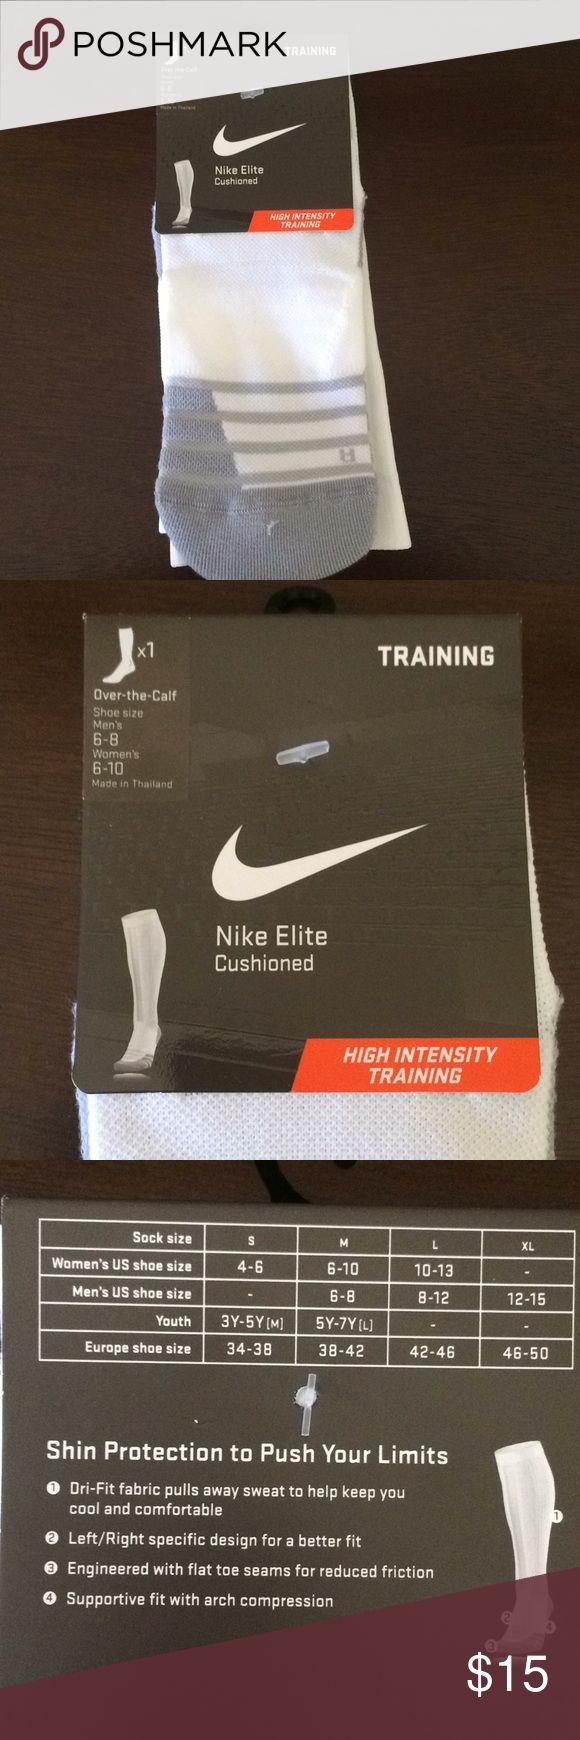 Nike training over the calf training socks Cushioned over the calf socks. Nike Accessories Hosiery & Socks